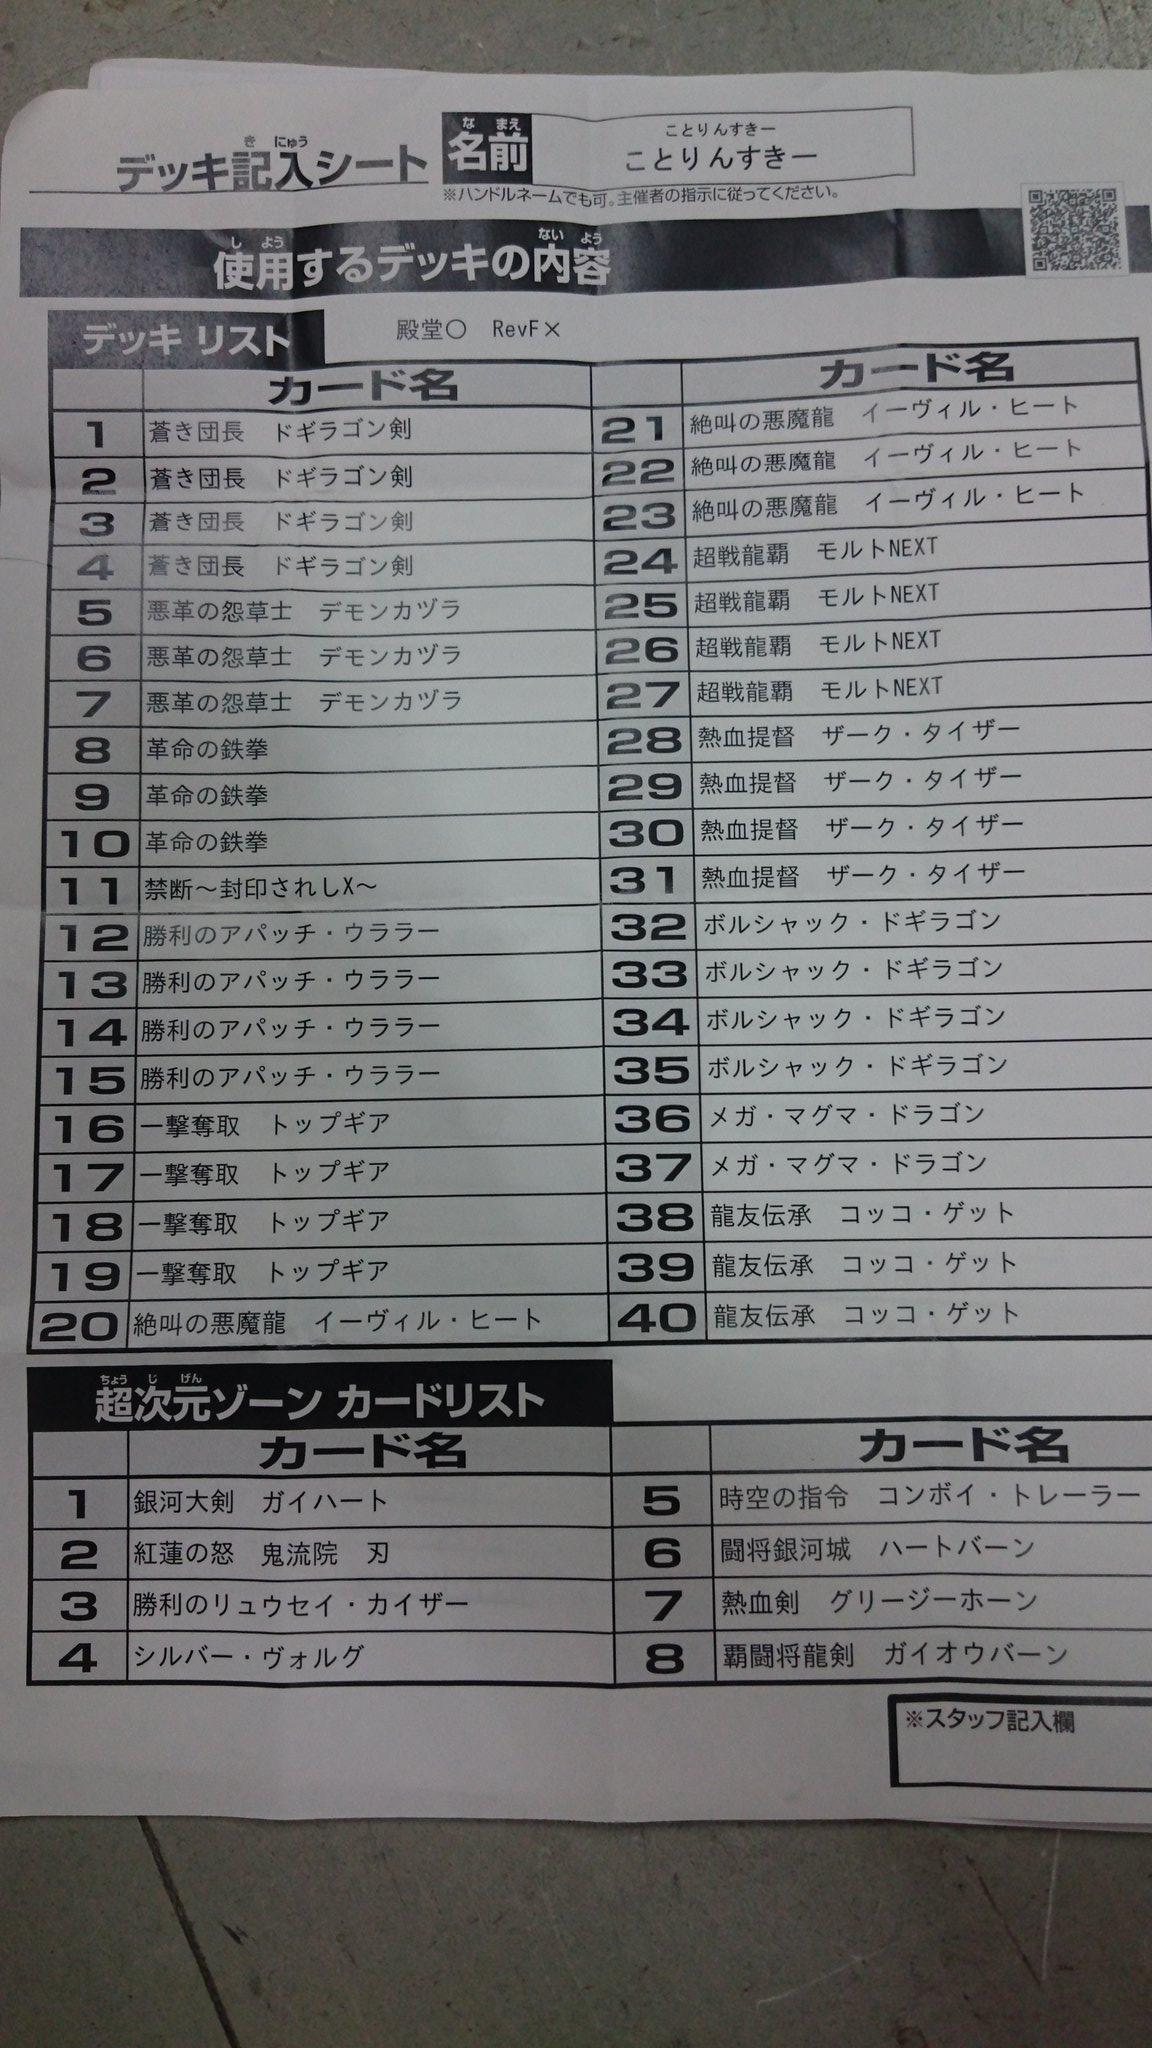 dm-choushu-cc-3rd-20160911-deck-3rd.jpg